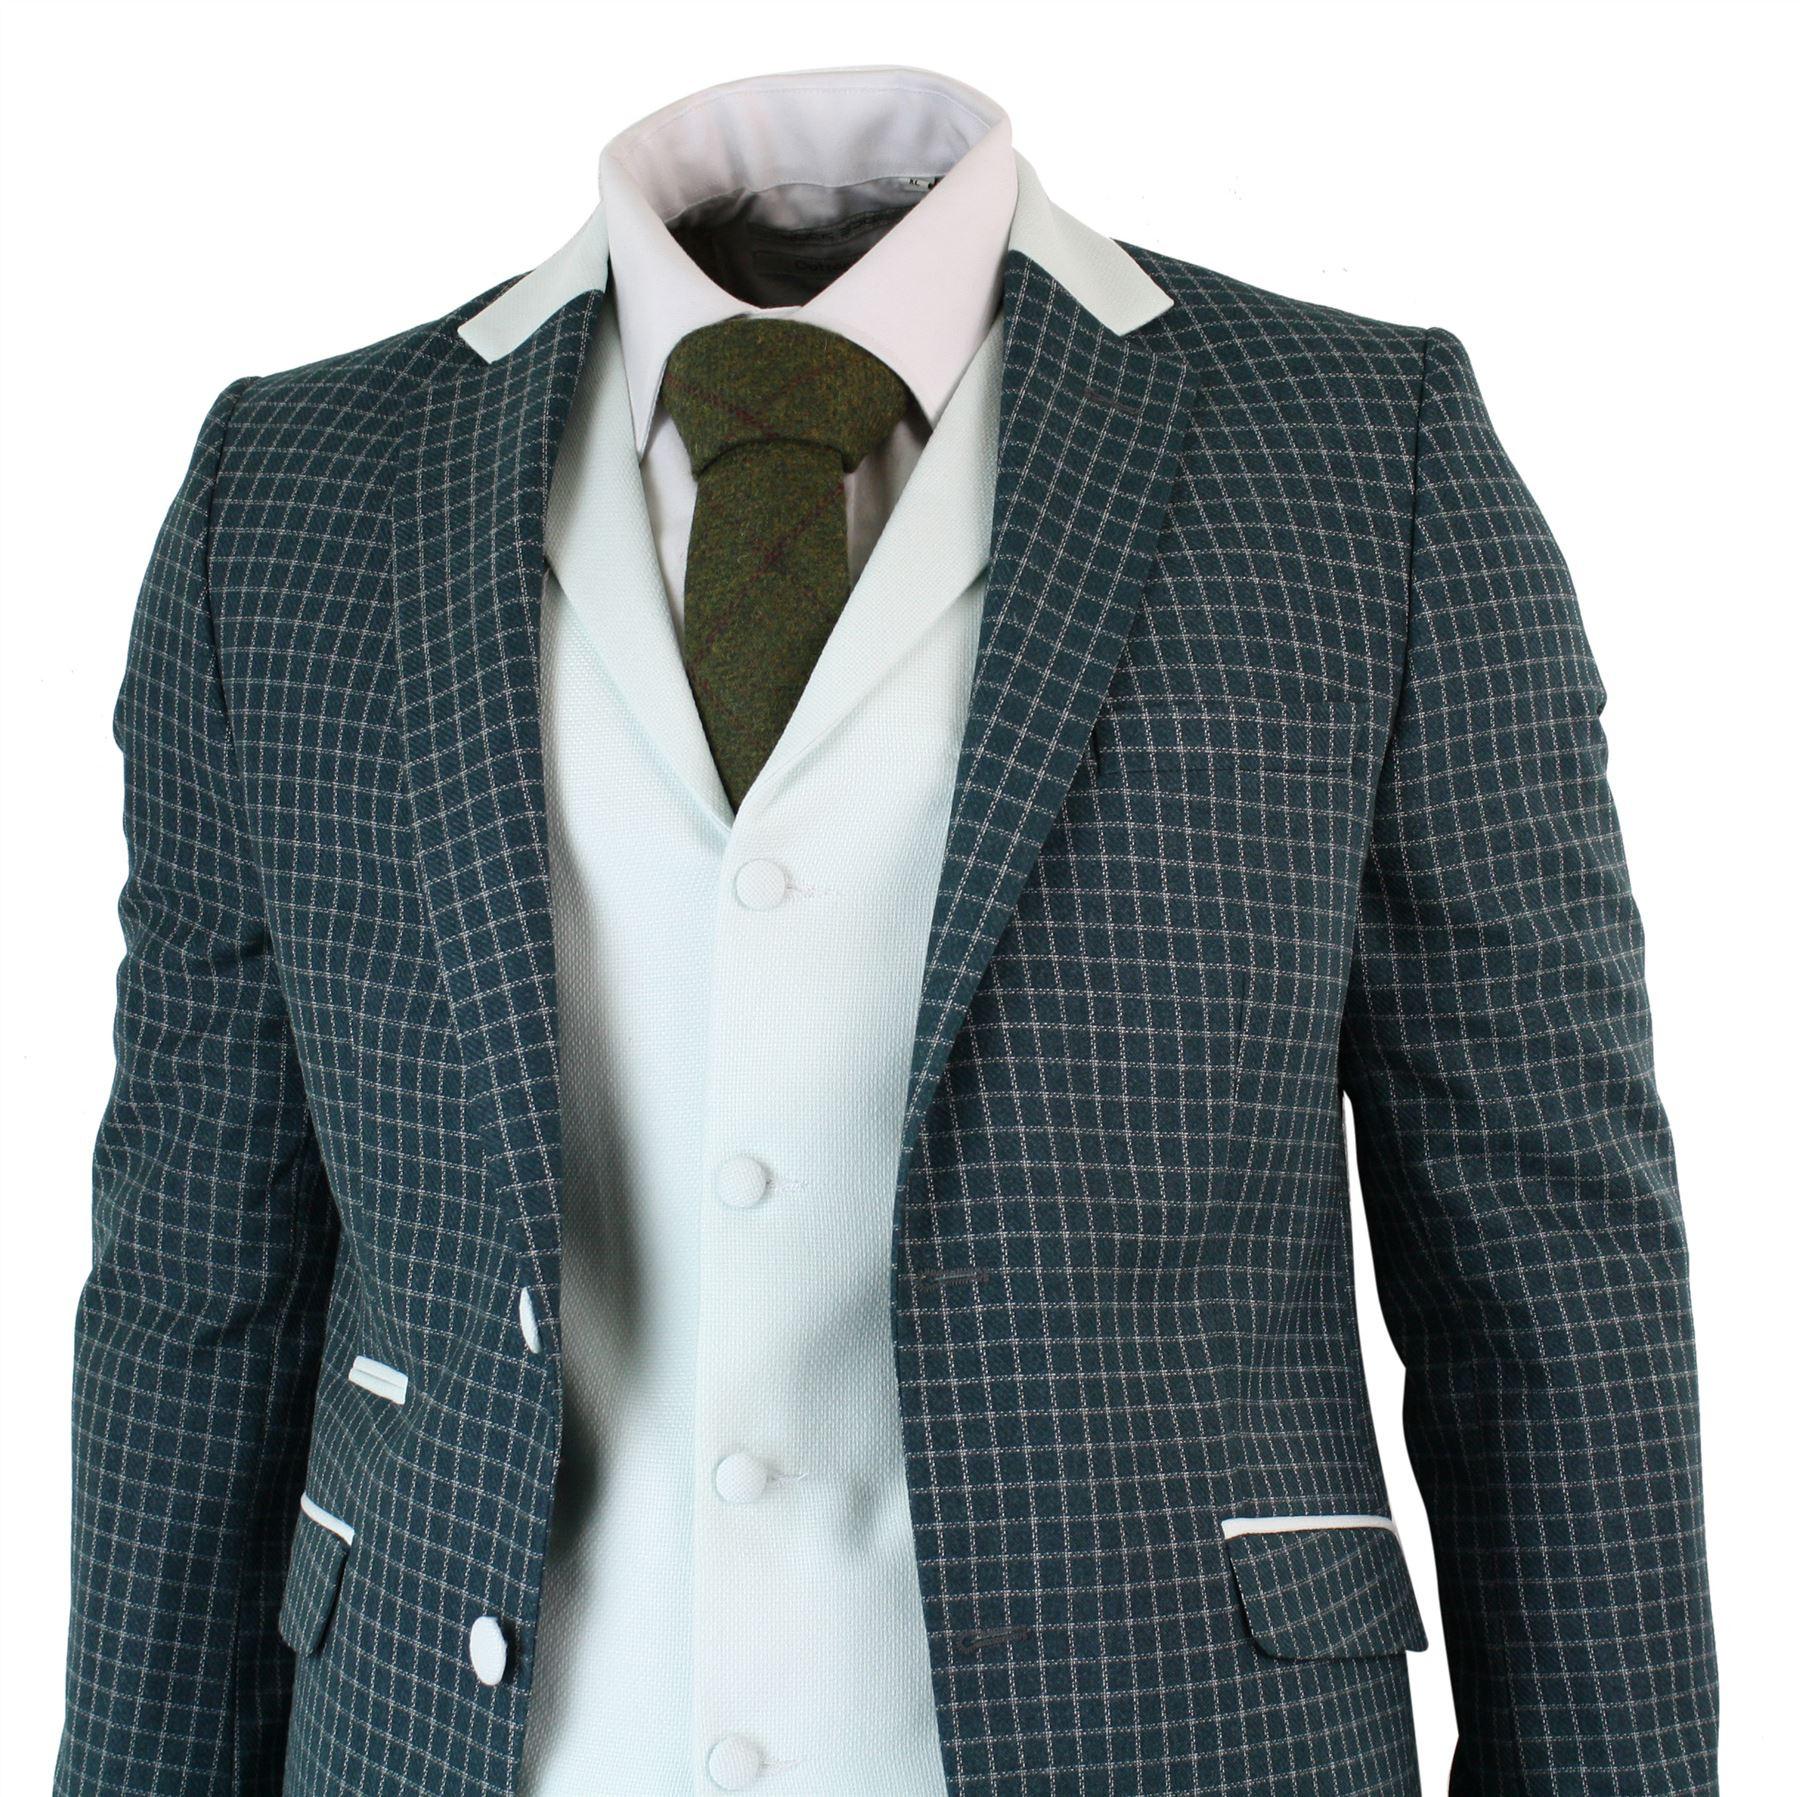 Herrenanzug Hochzeit  Herrenanzug 3 teilig Olive Kariert Vintage Tailored Fit